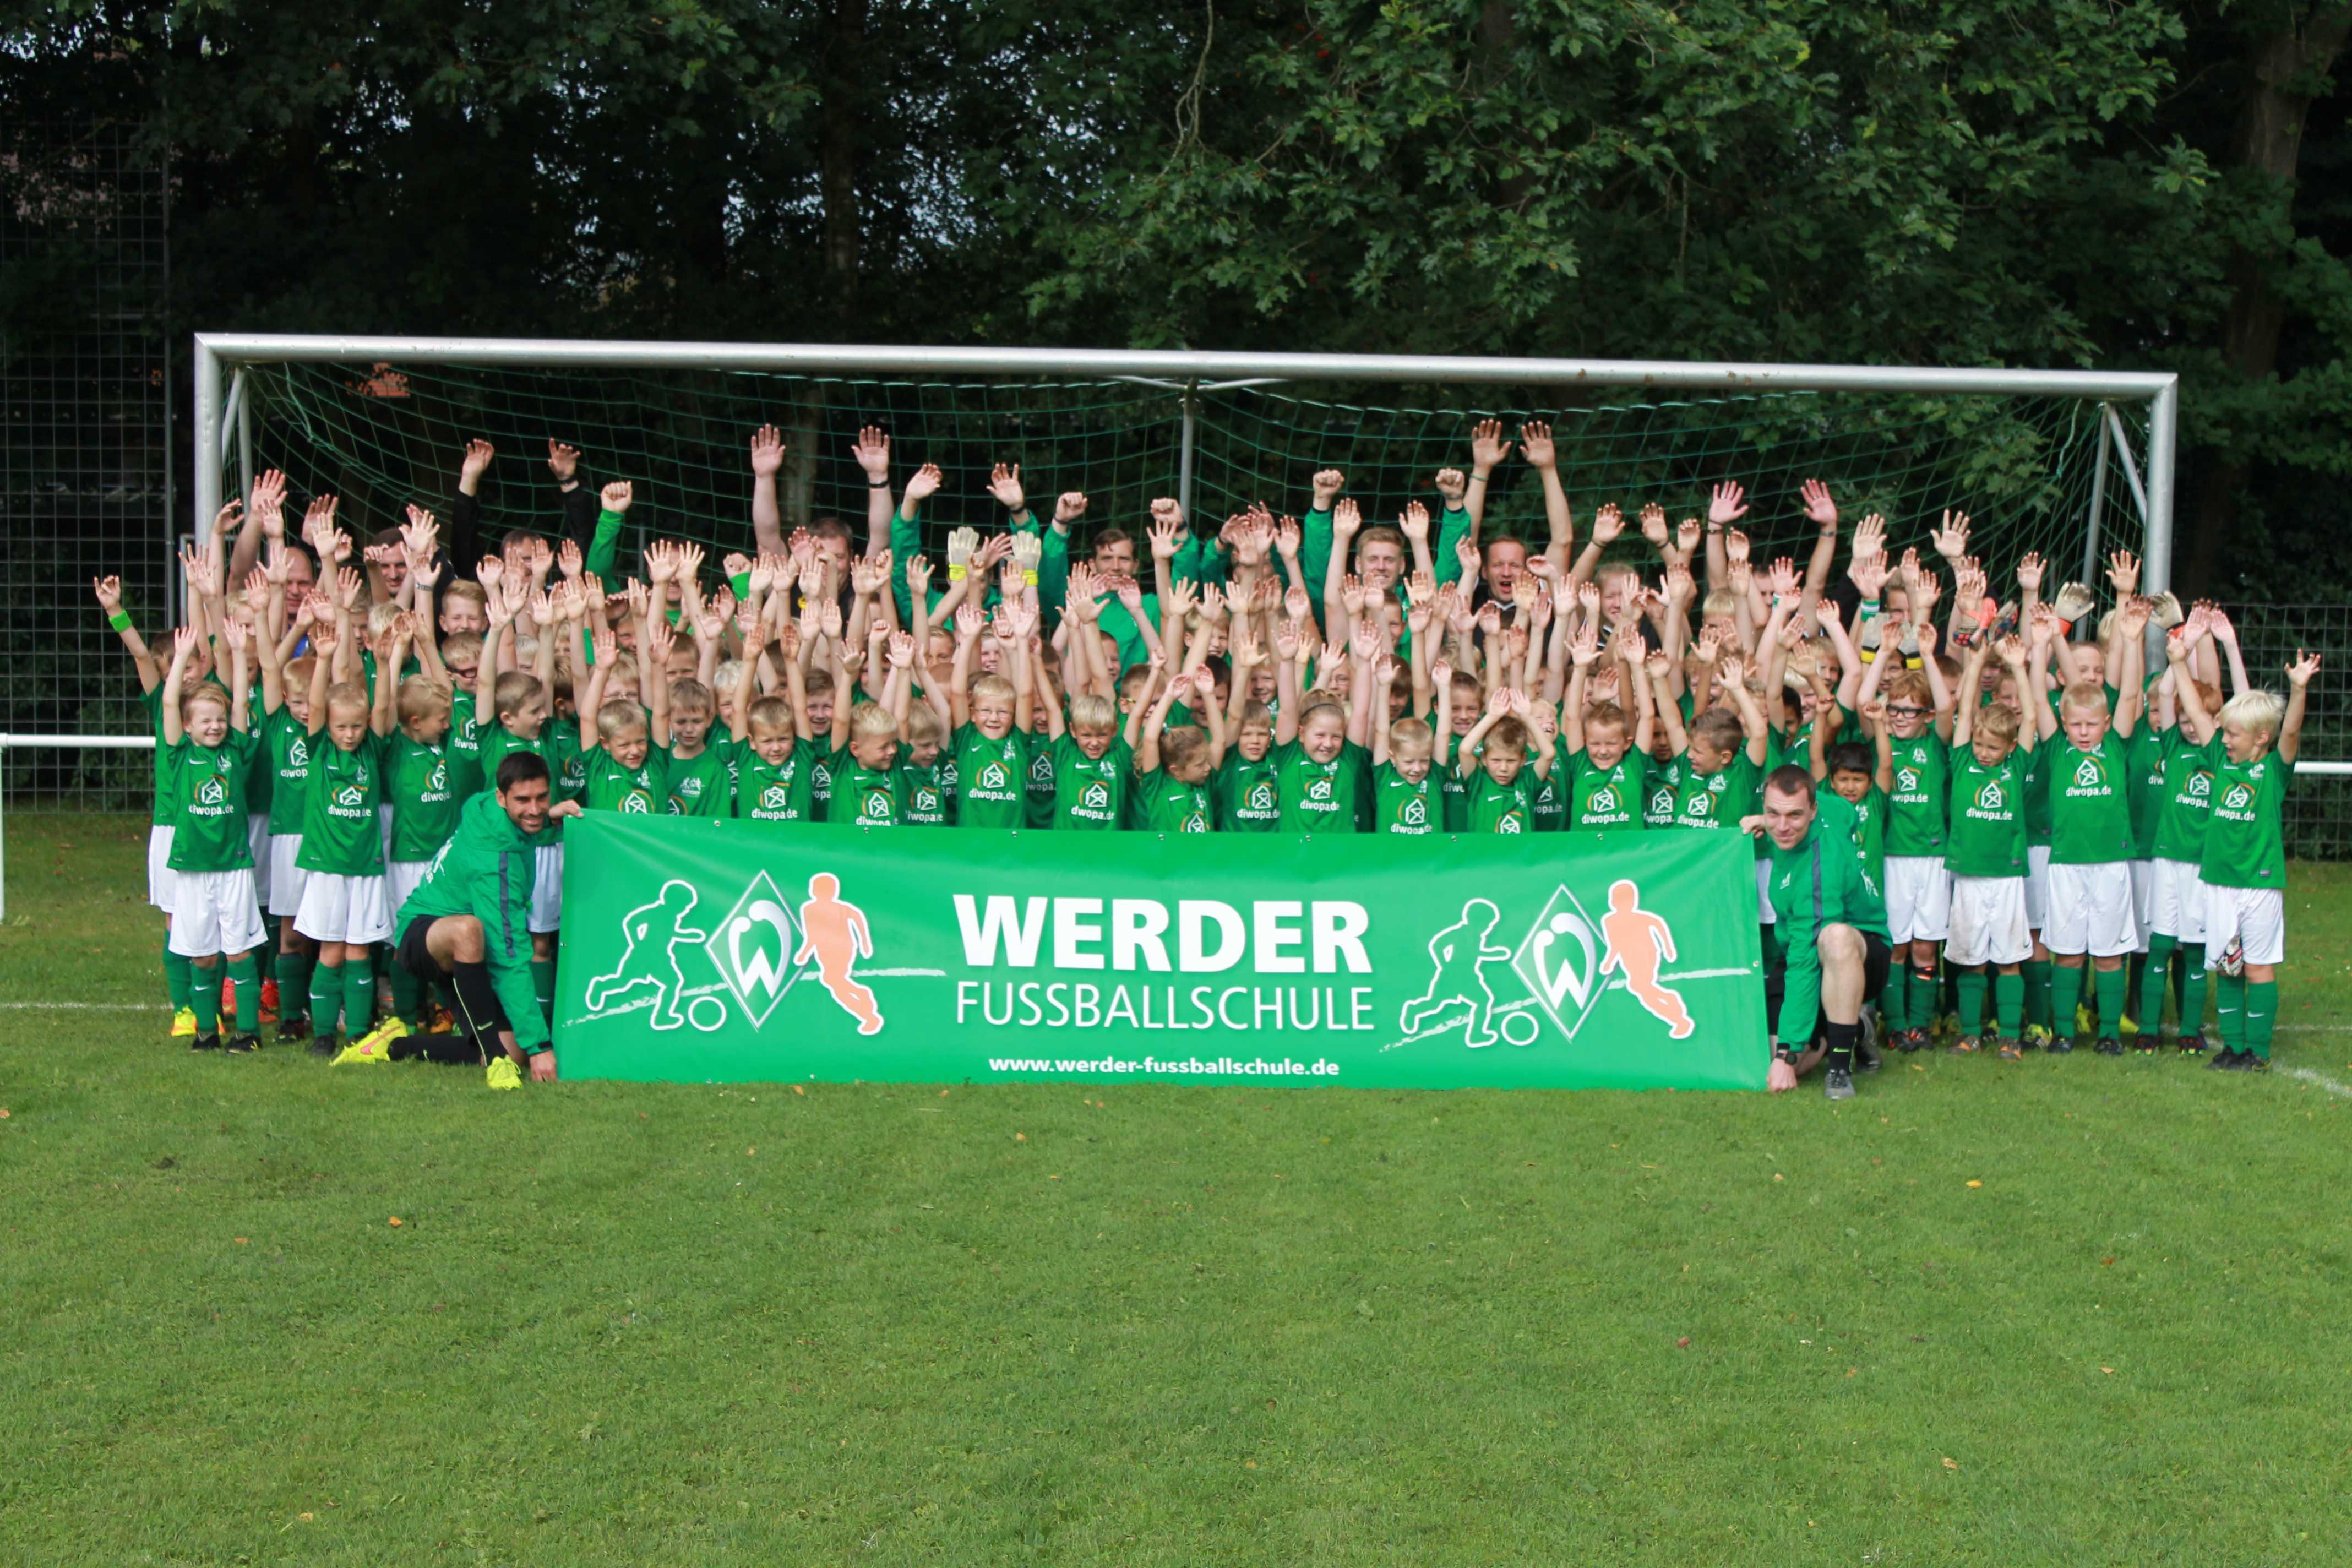 2016-08-13 Werder CAMPontour - Samstag (6)